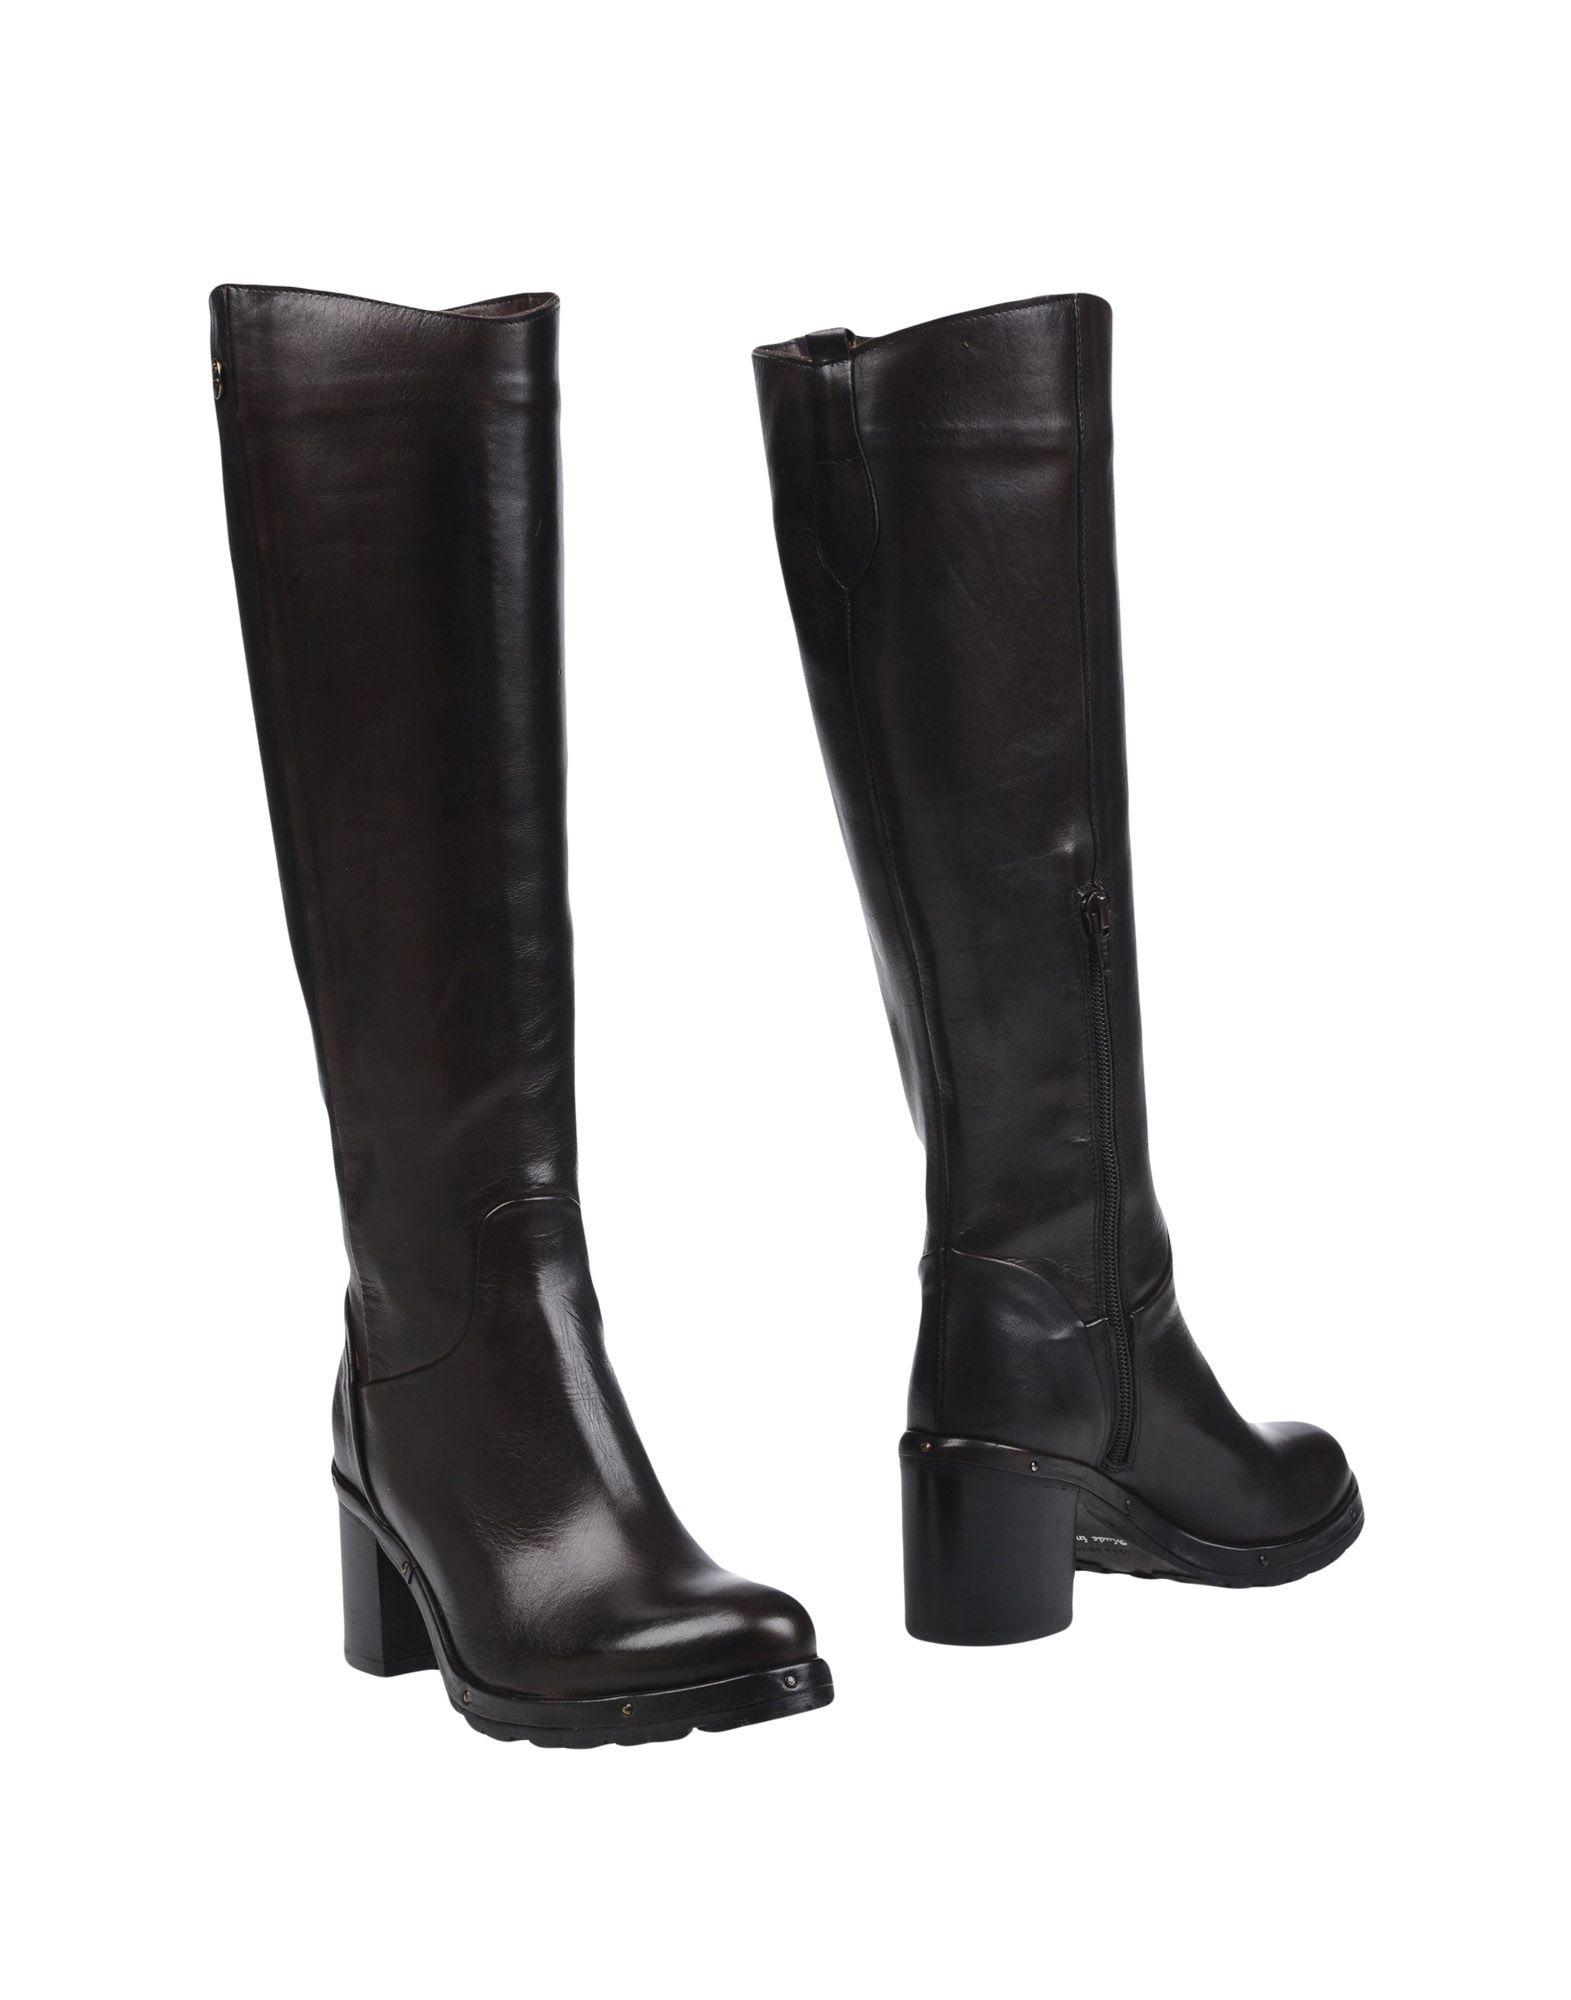 Manila Grace Denim Stiefel Schuhe Damen  11203811WD Neue Schuhe Stiefel 6051b1